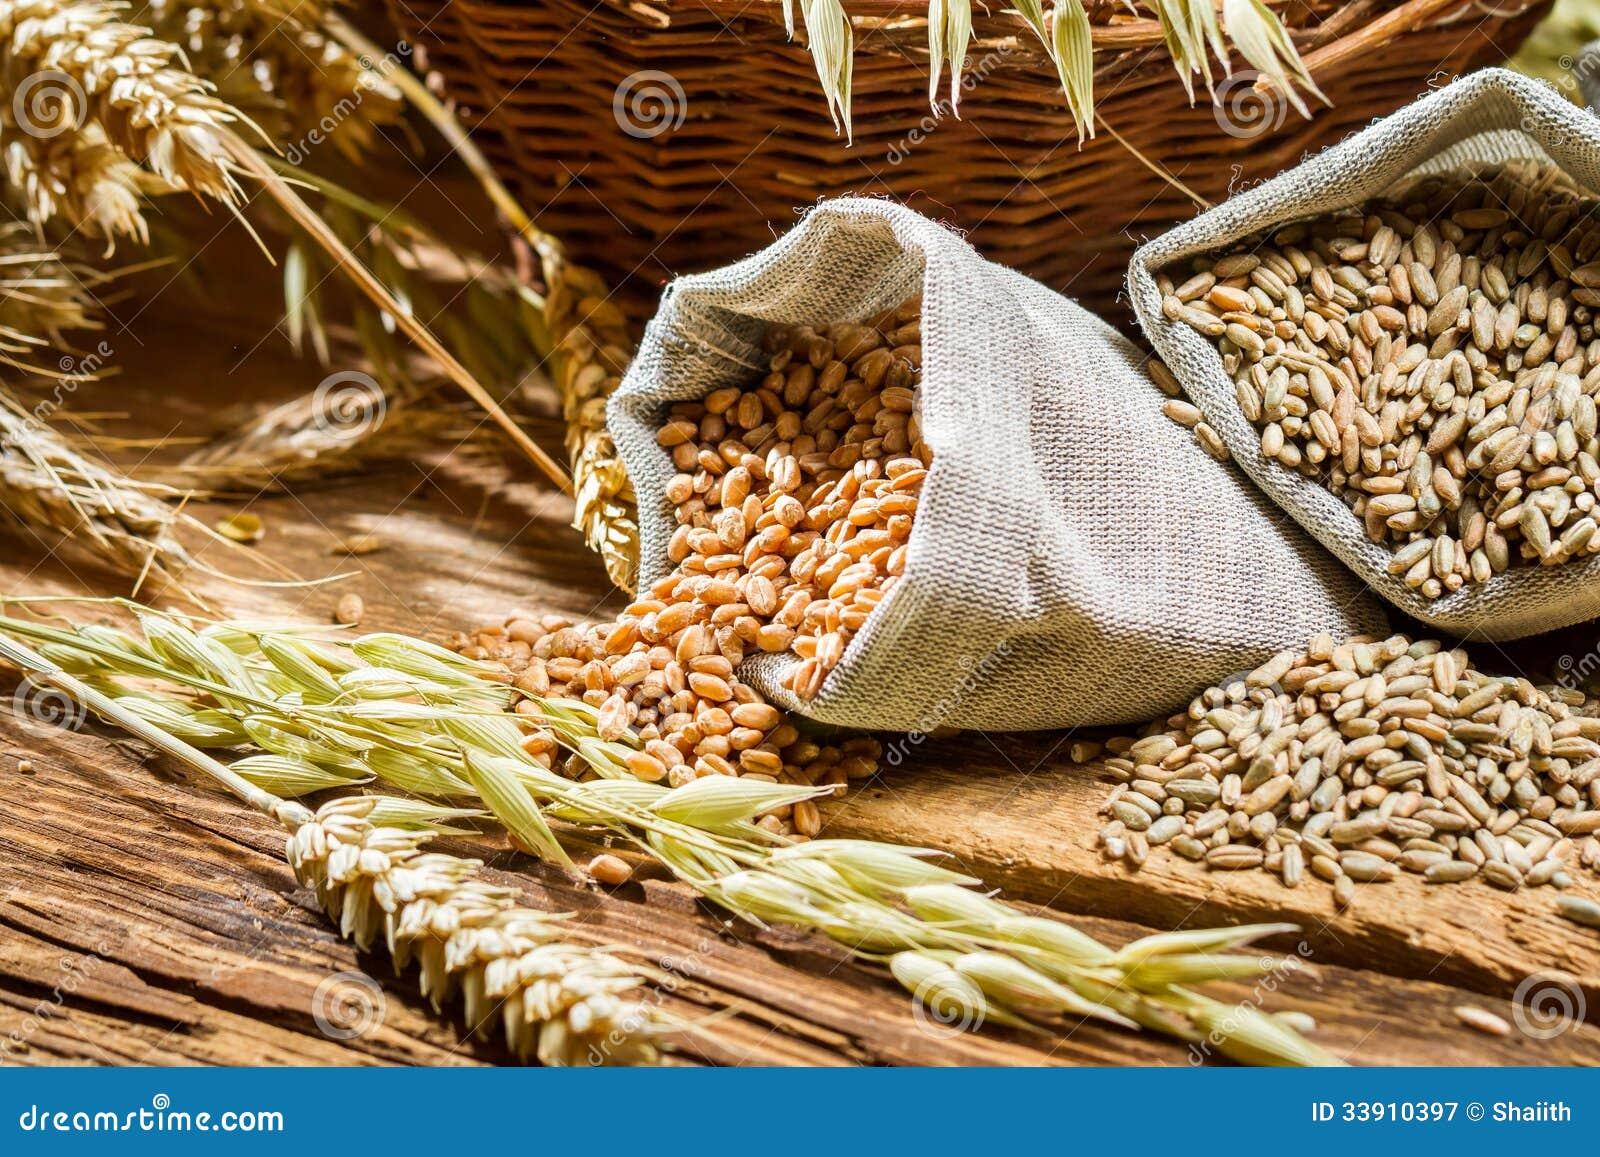 袋子特写镜头与谷粒的